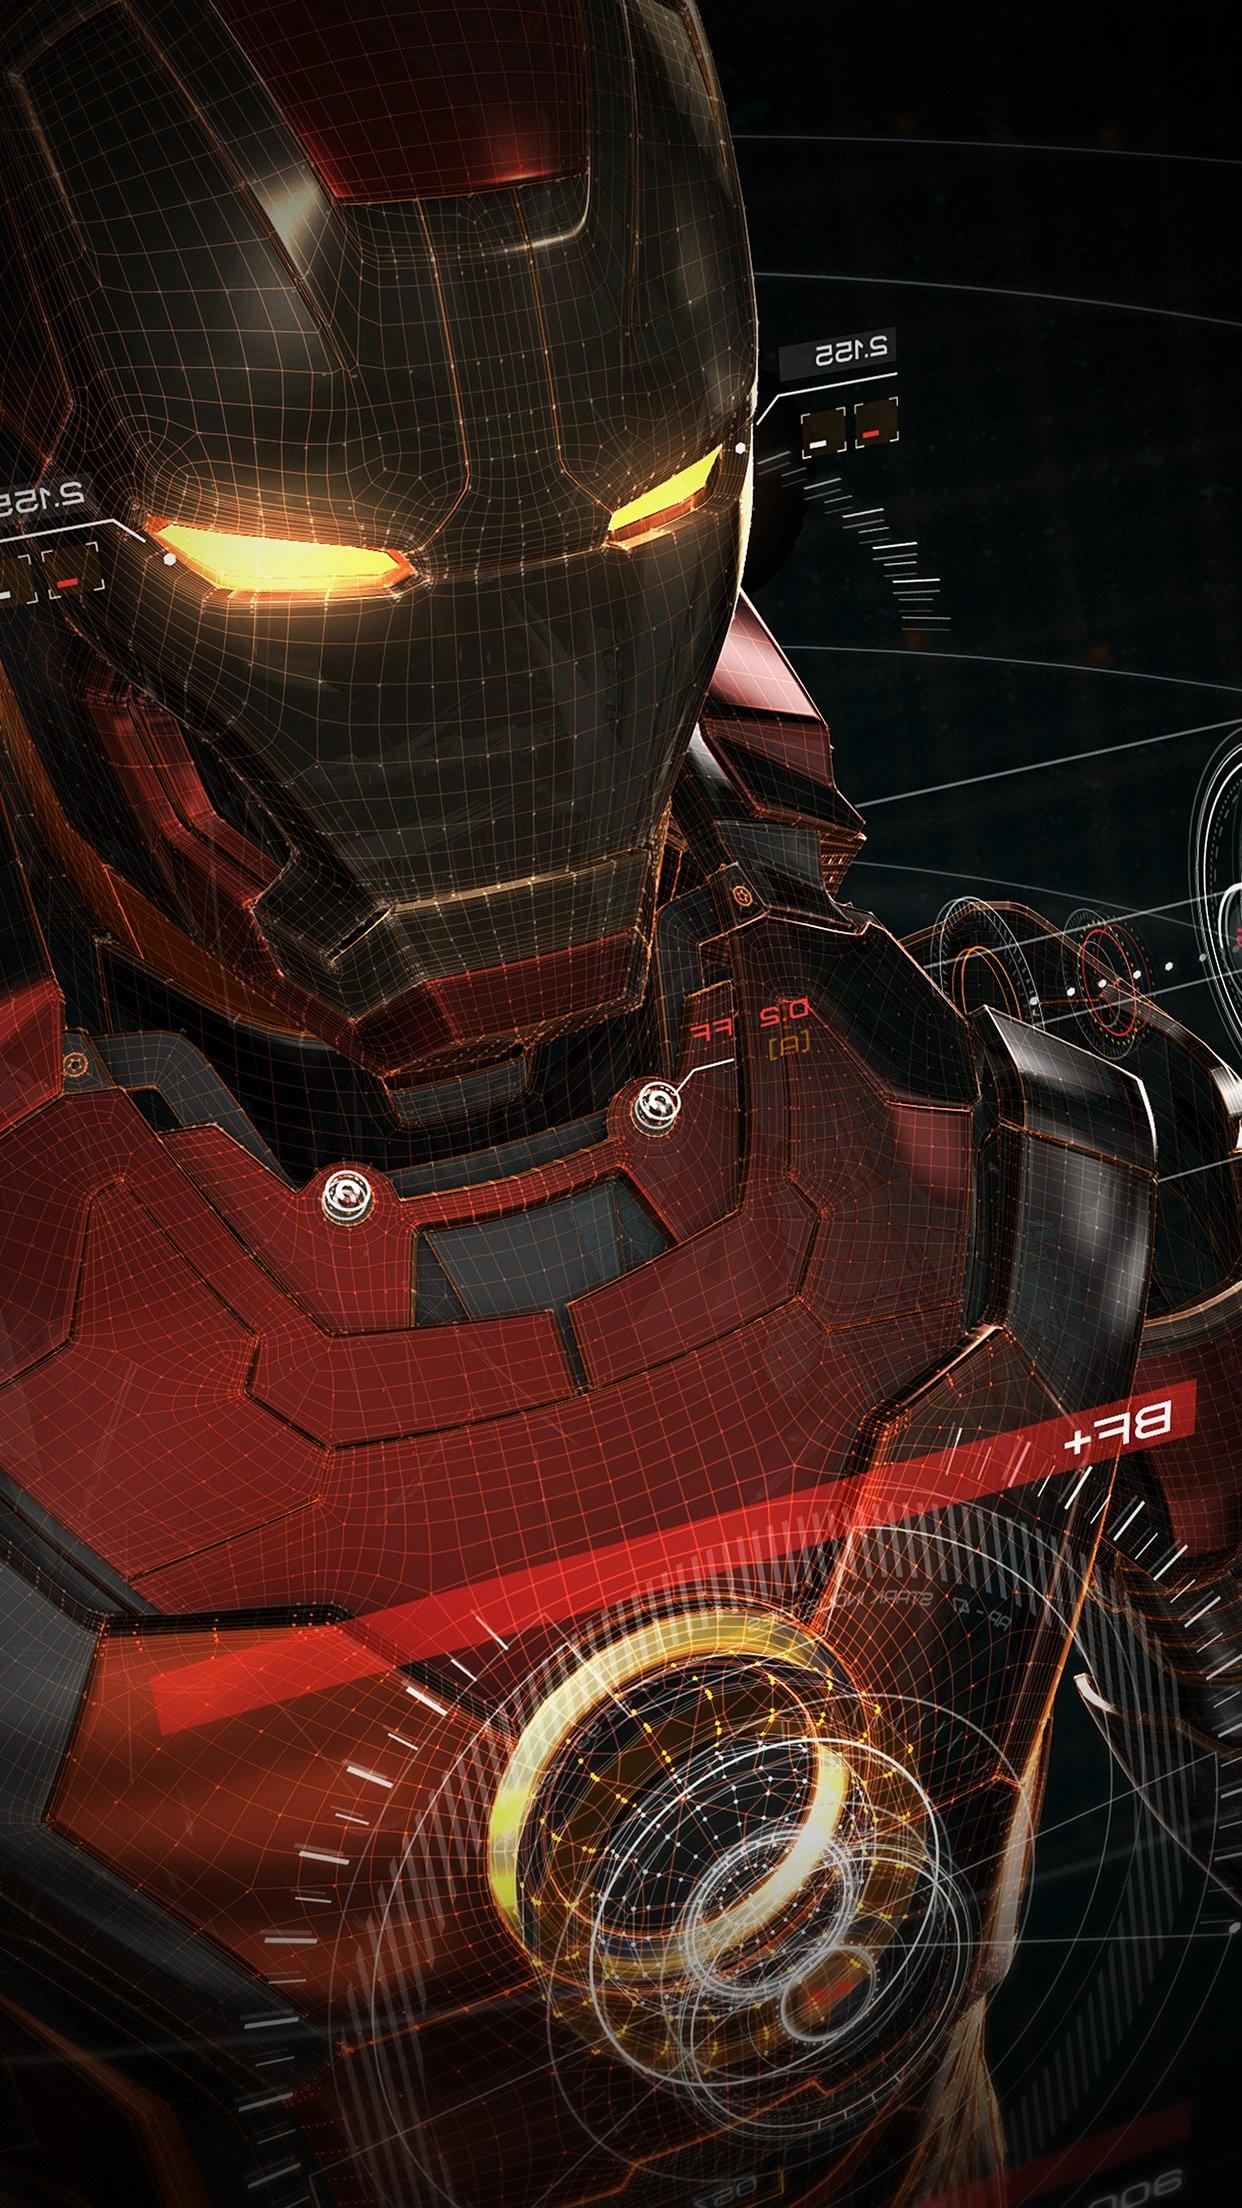 ironman 3d red game avengers art illustration hero vignette iPhone 7 plus  wallpaper